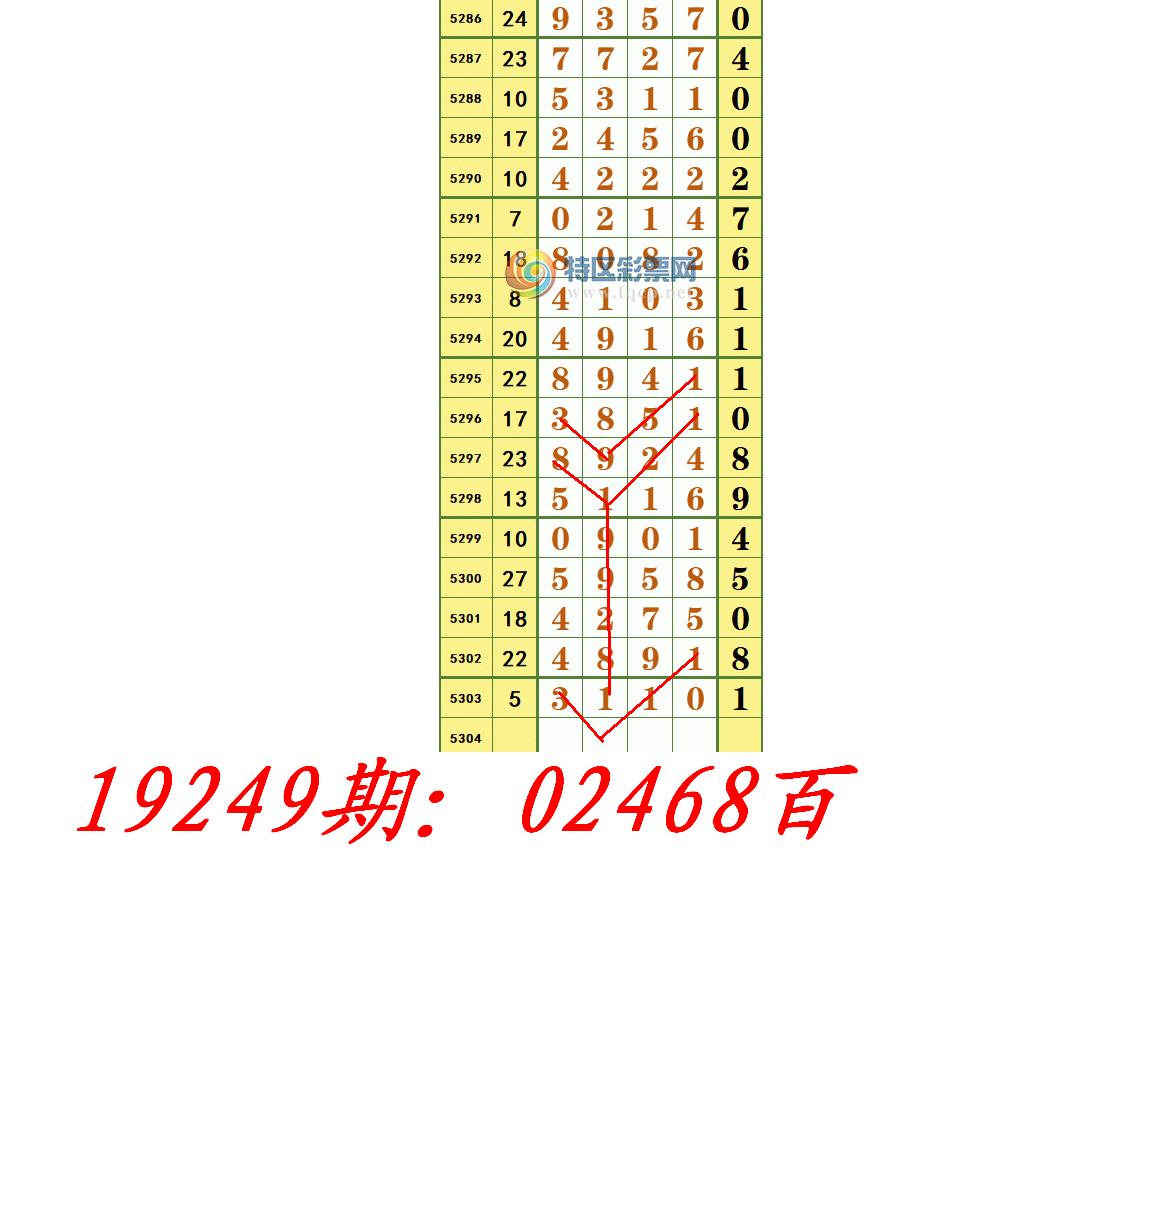 19249期:02468百.PNG